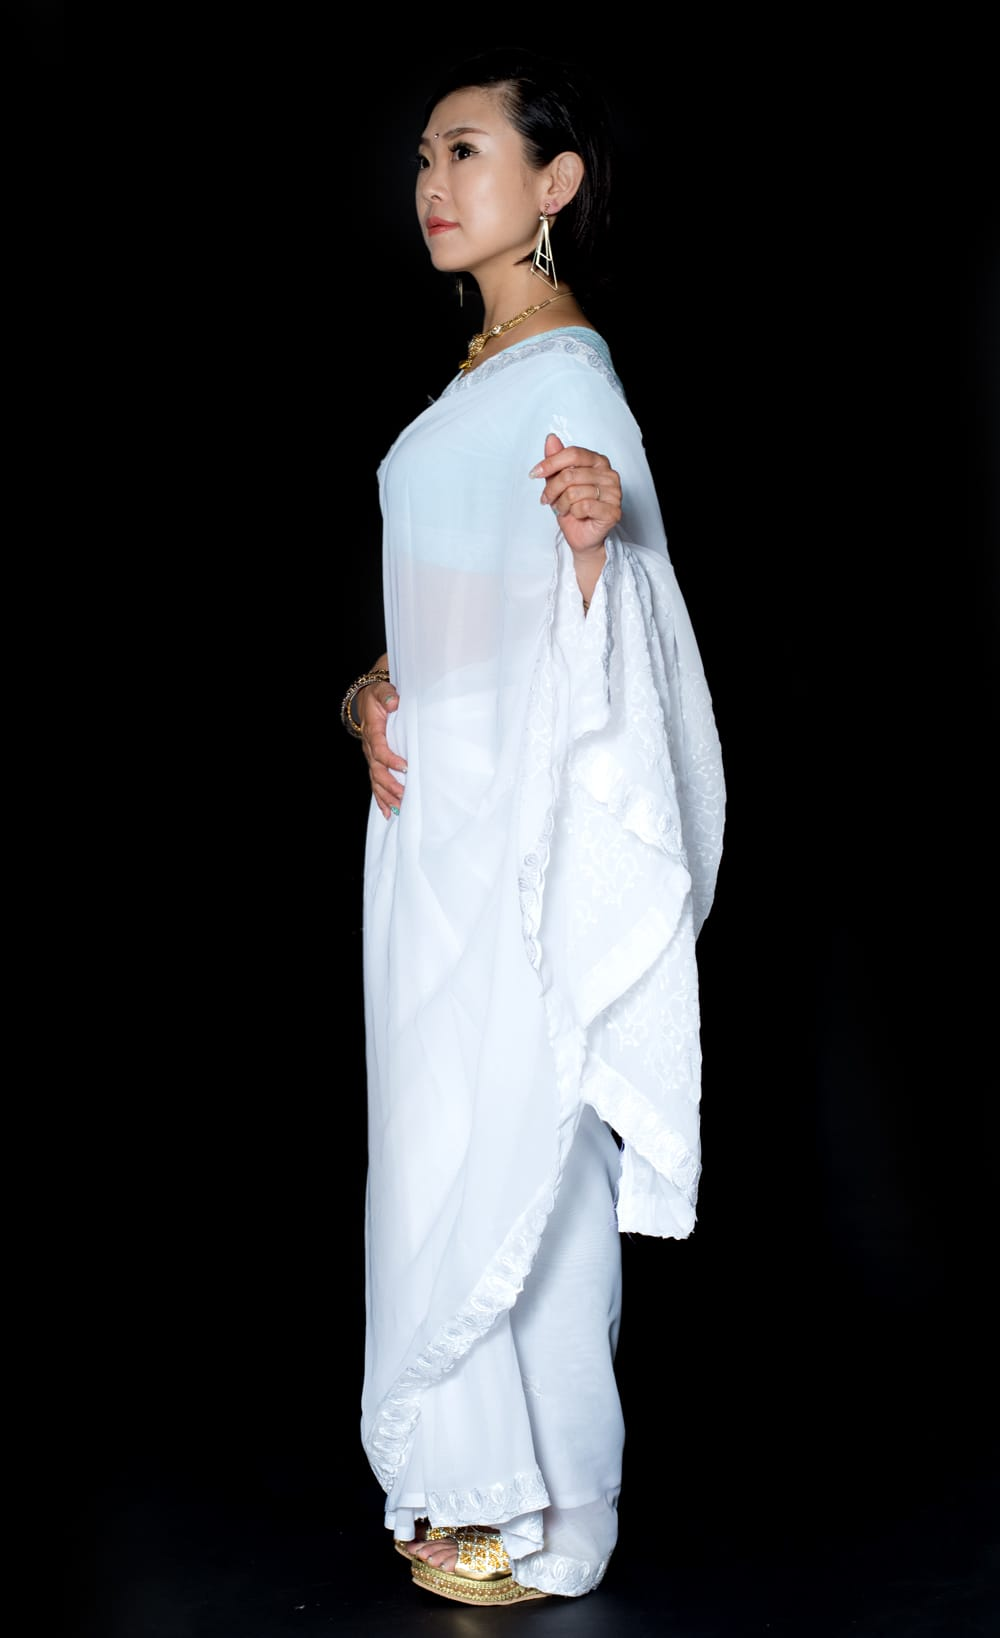 インドのホワイトサリー【更紗刺繍】 2 - 横からの写真です